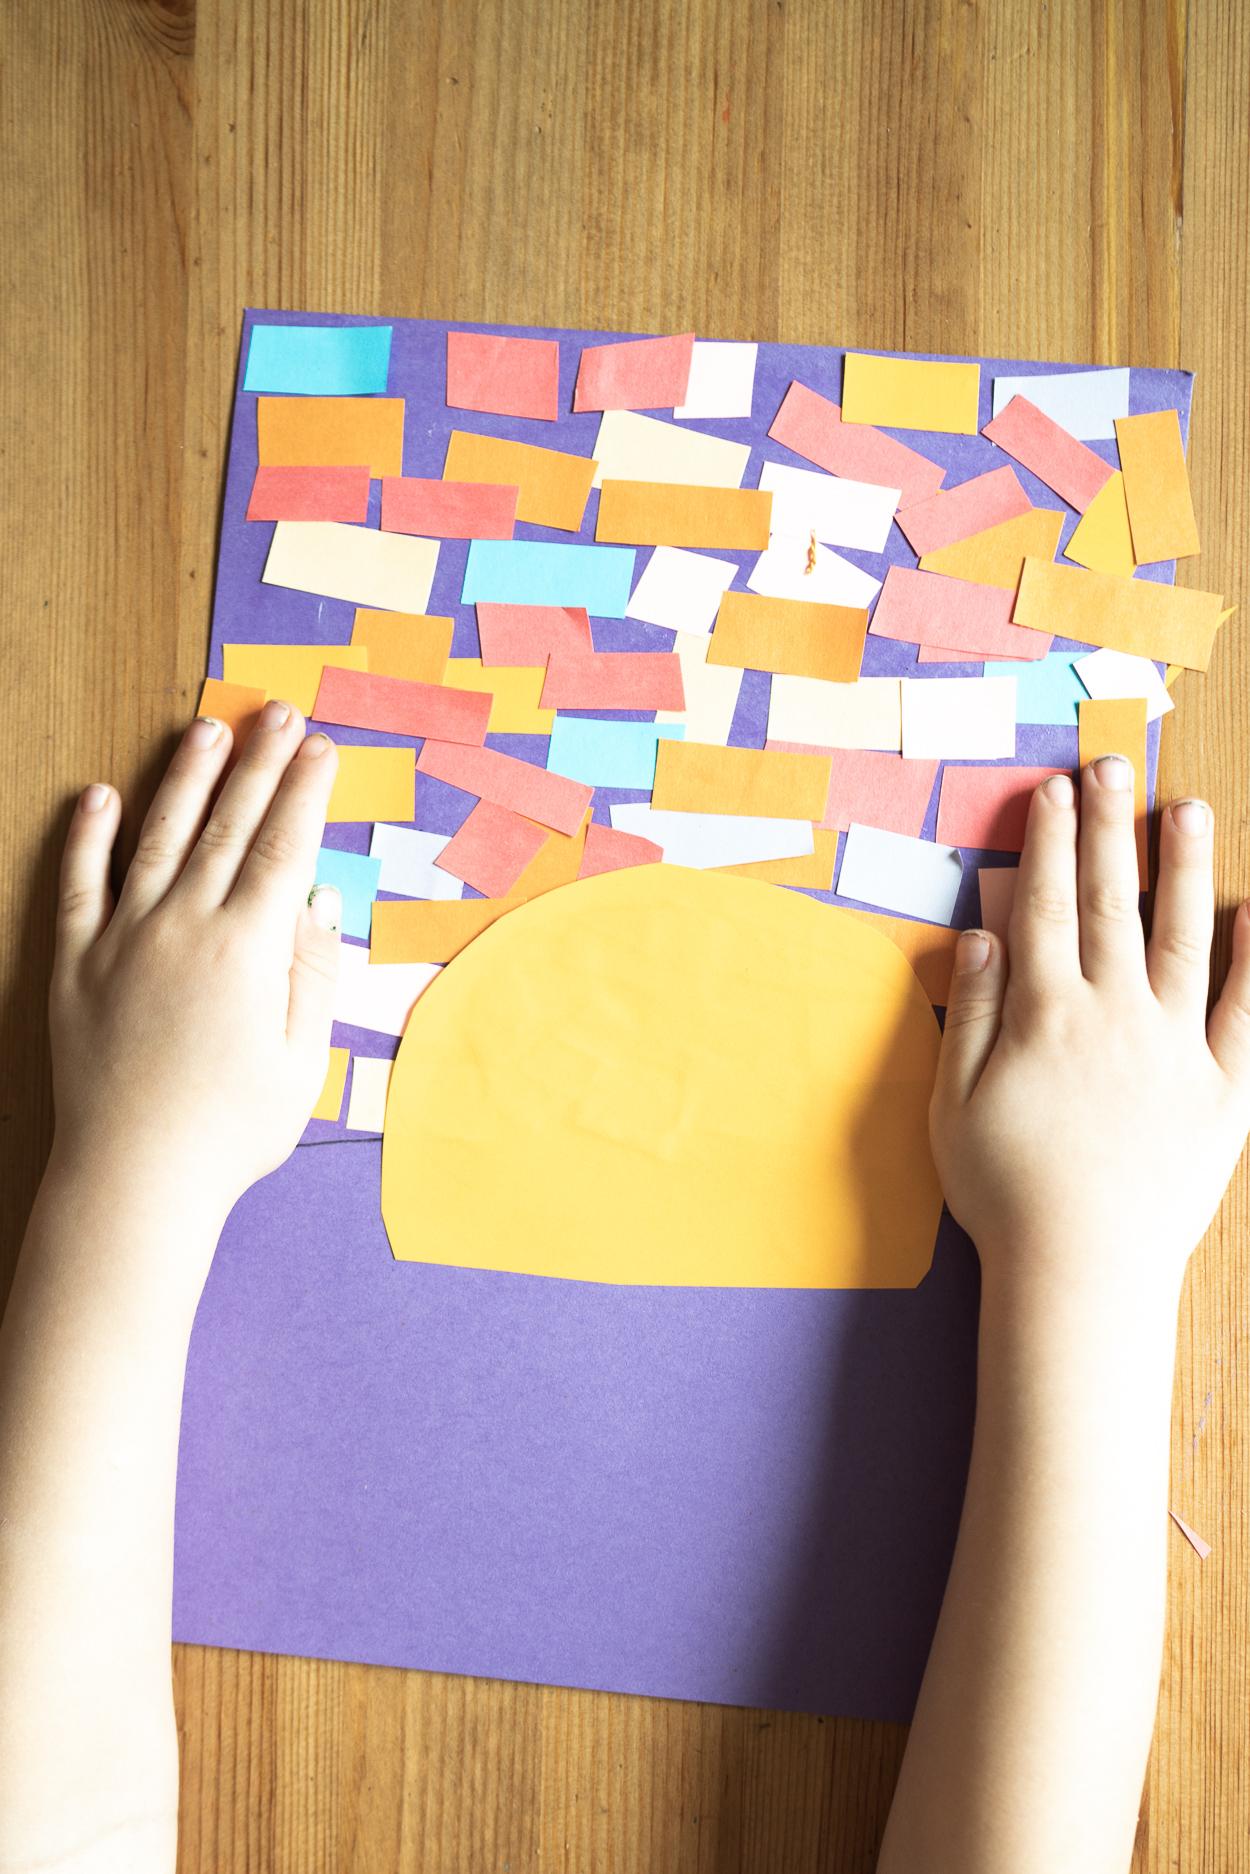 3 diy landscape paper crafts to make with kids